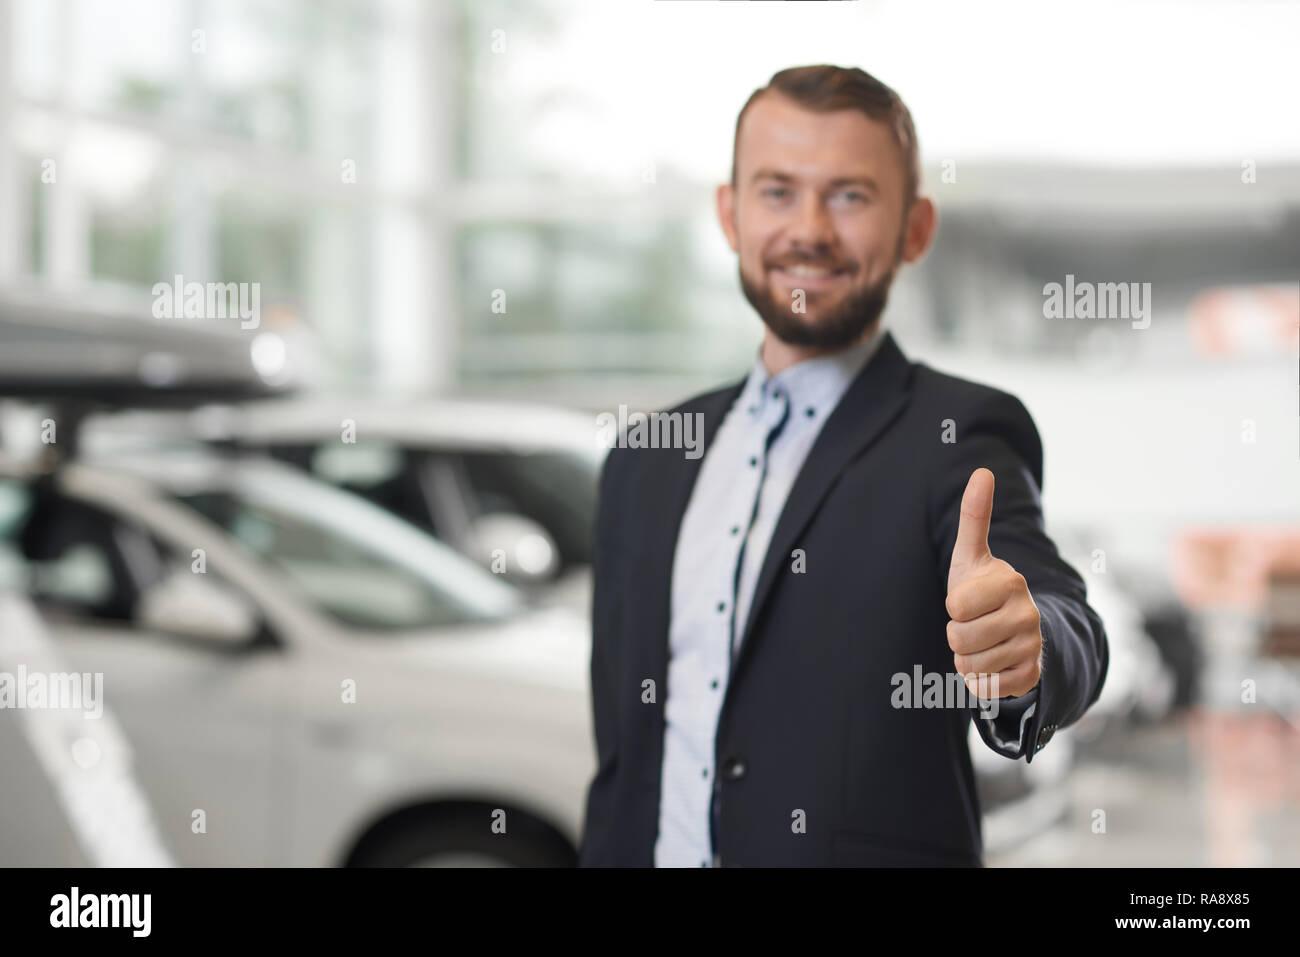 Cerca de un concesionario de coches mostrando el pulgar hacia arriba. Apuesto hombre barbado vistiendo de traje azul oscuro y camisa oficial. Manager mirando a la cámara, sonriendo mientras está de pie cerca de la fila de vehículos en el concesionario de coches. Imagen De Stock